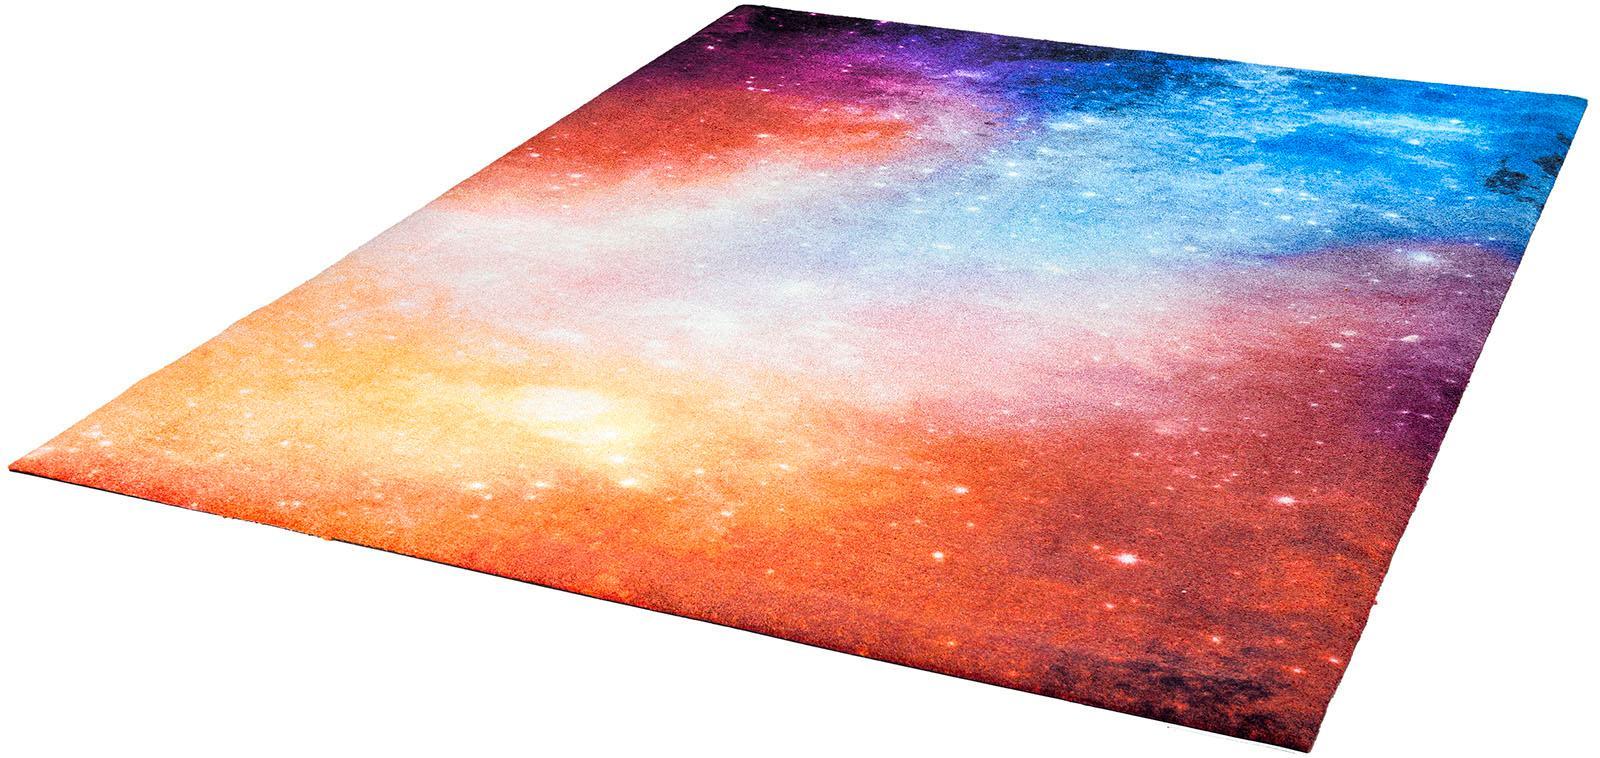 Teppich Sparkling Shine wash+dry by Kleen-Tex rechteckig Höhe 9 mm gedruckt